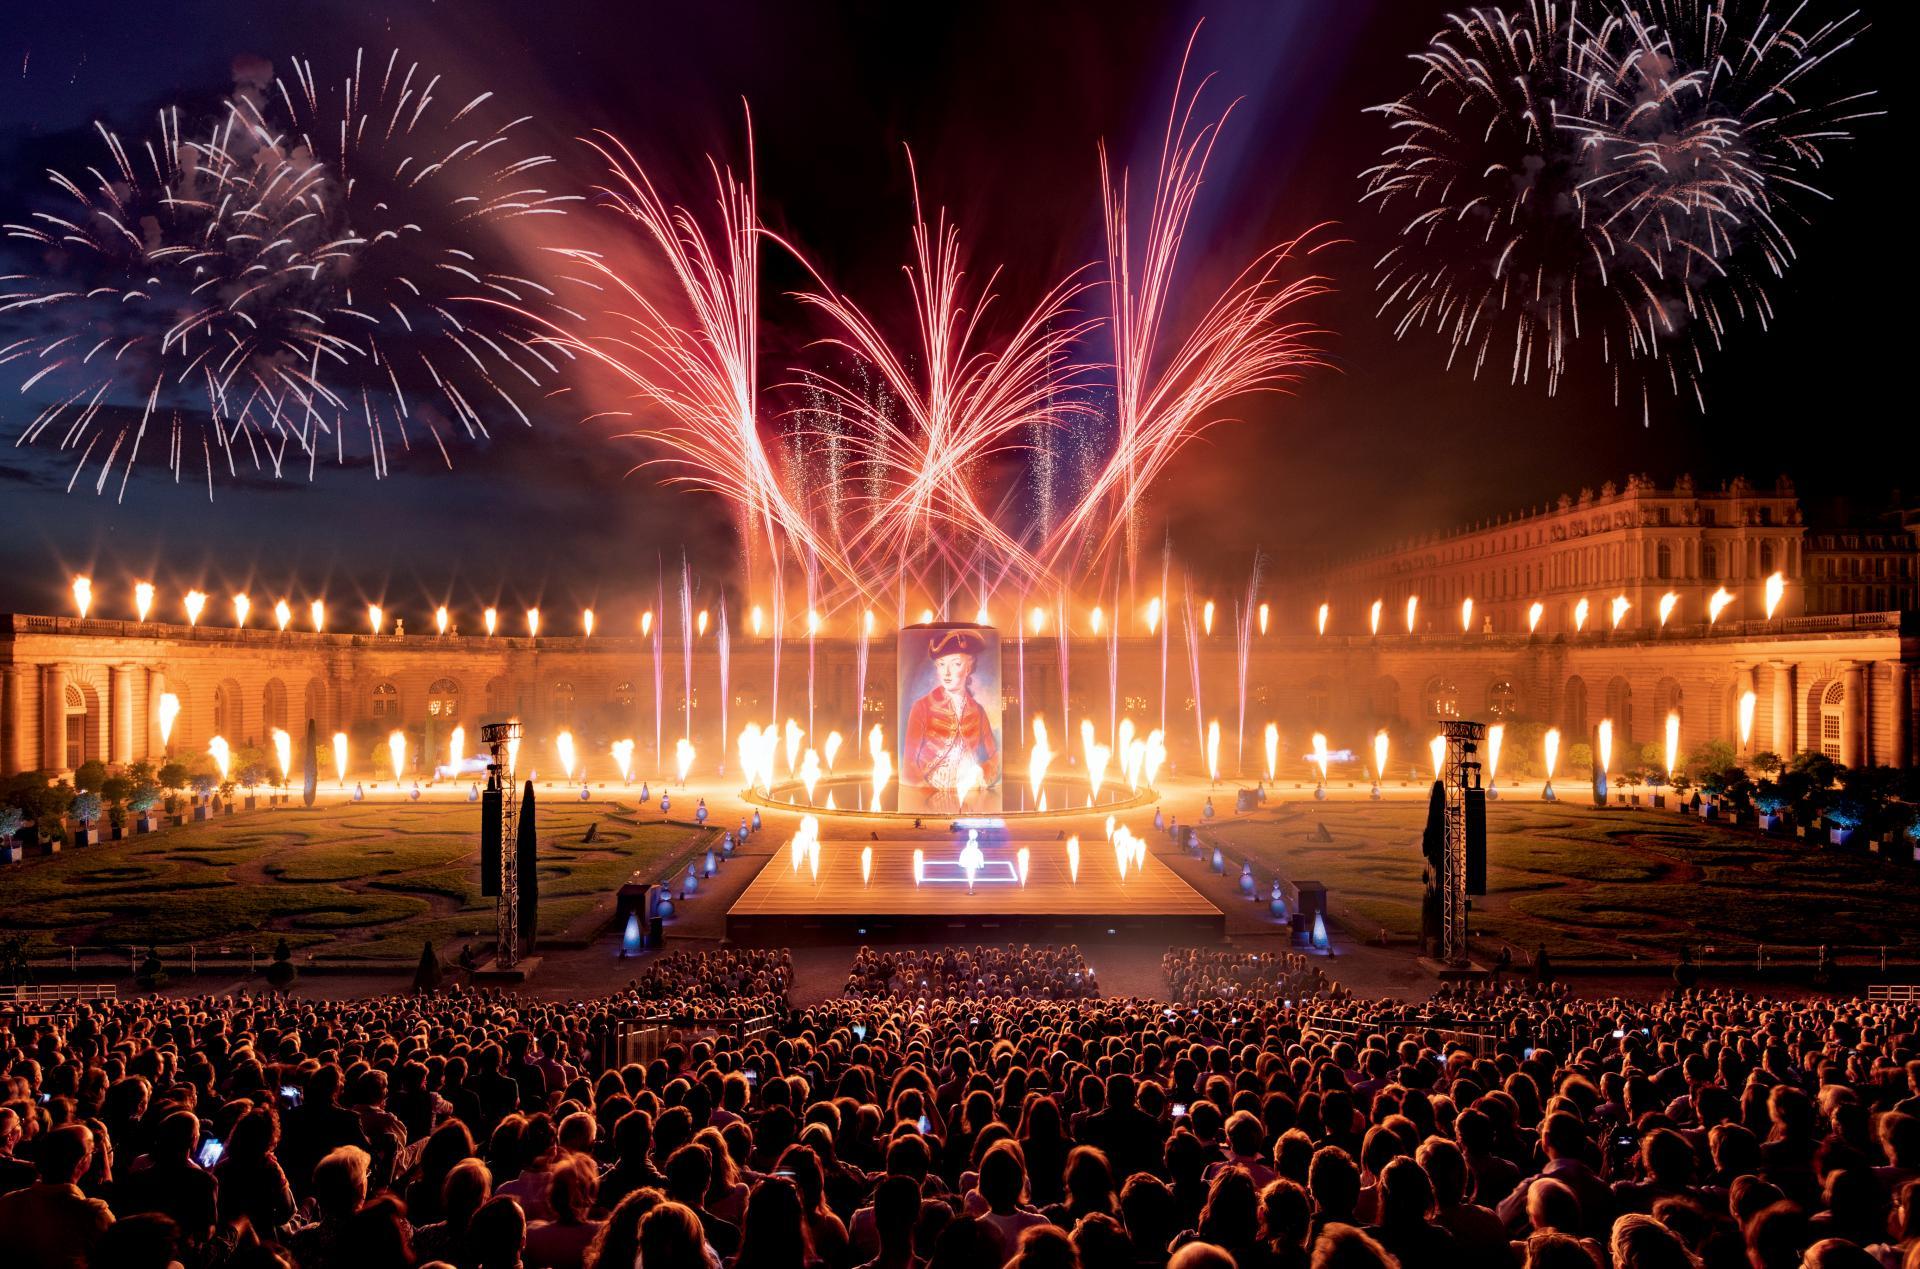 Calendrier Feu D Artifice 2020.Versailles Festival 2019 Chateau De Versailles